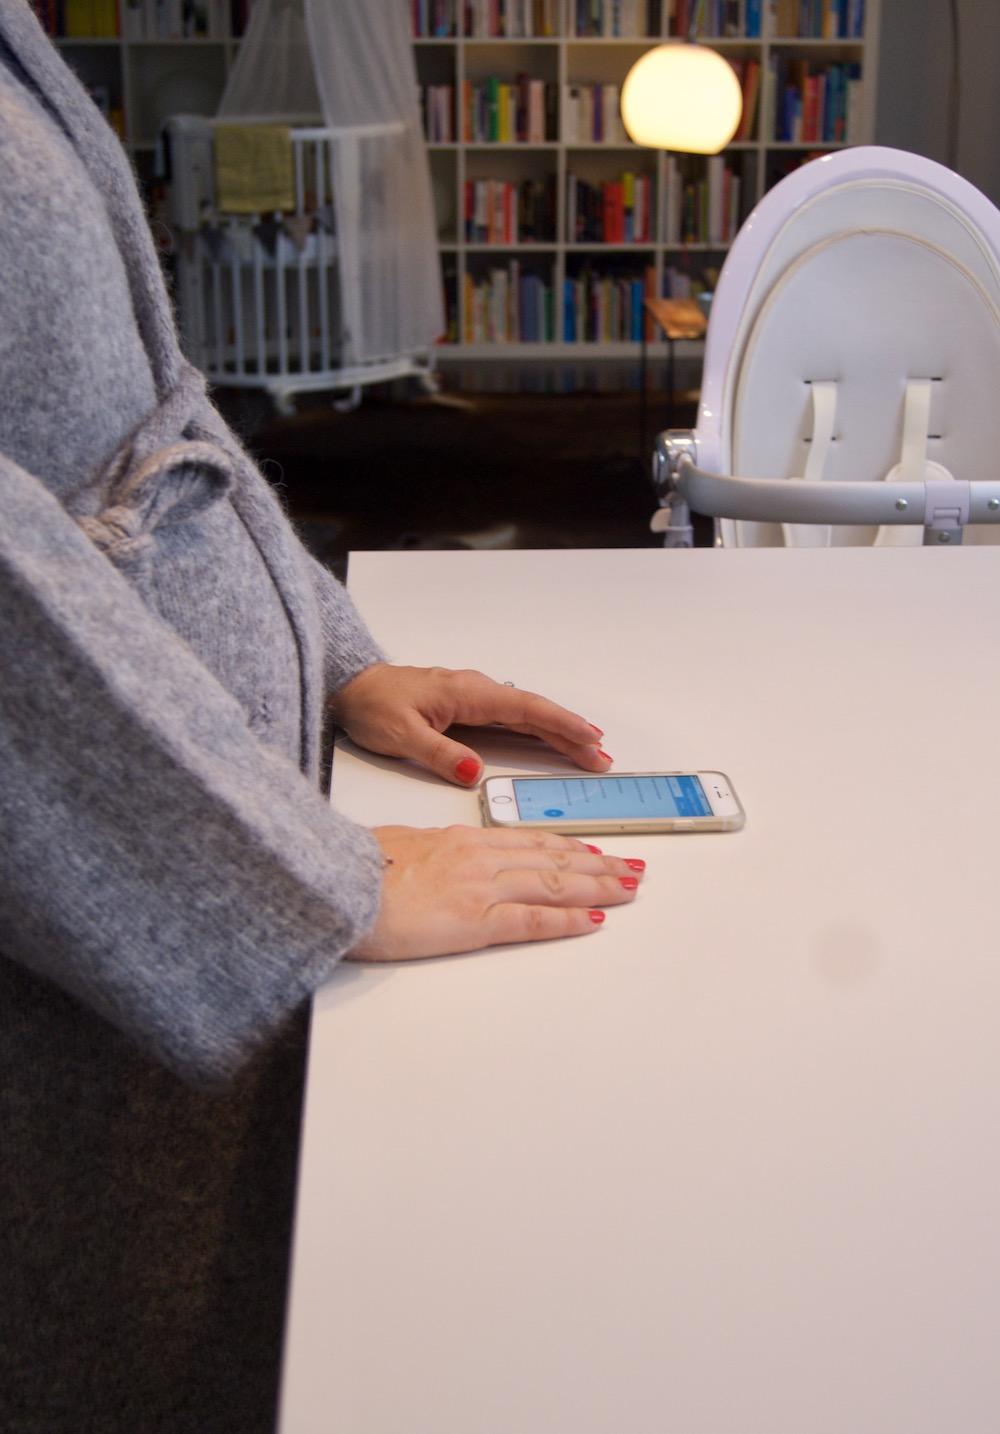 Aptaclub - Mein Schwangerschaftsbegleiter | Salon Mama Praxistest